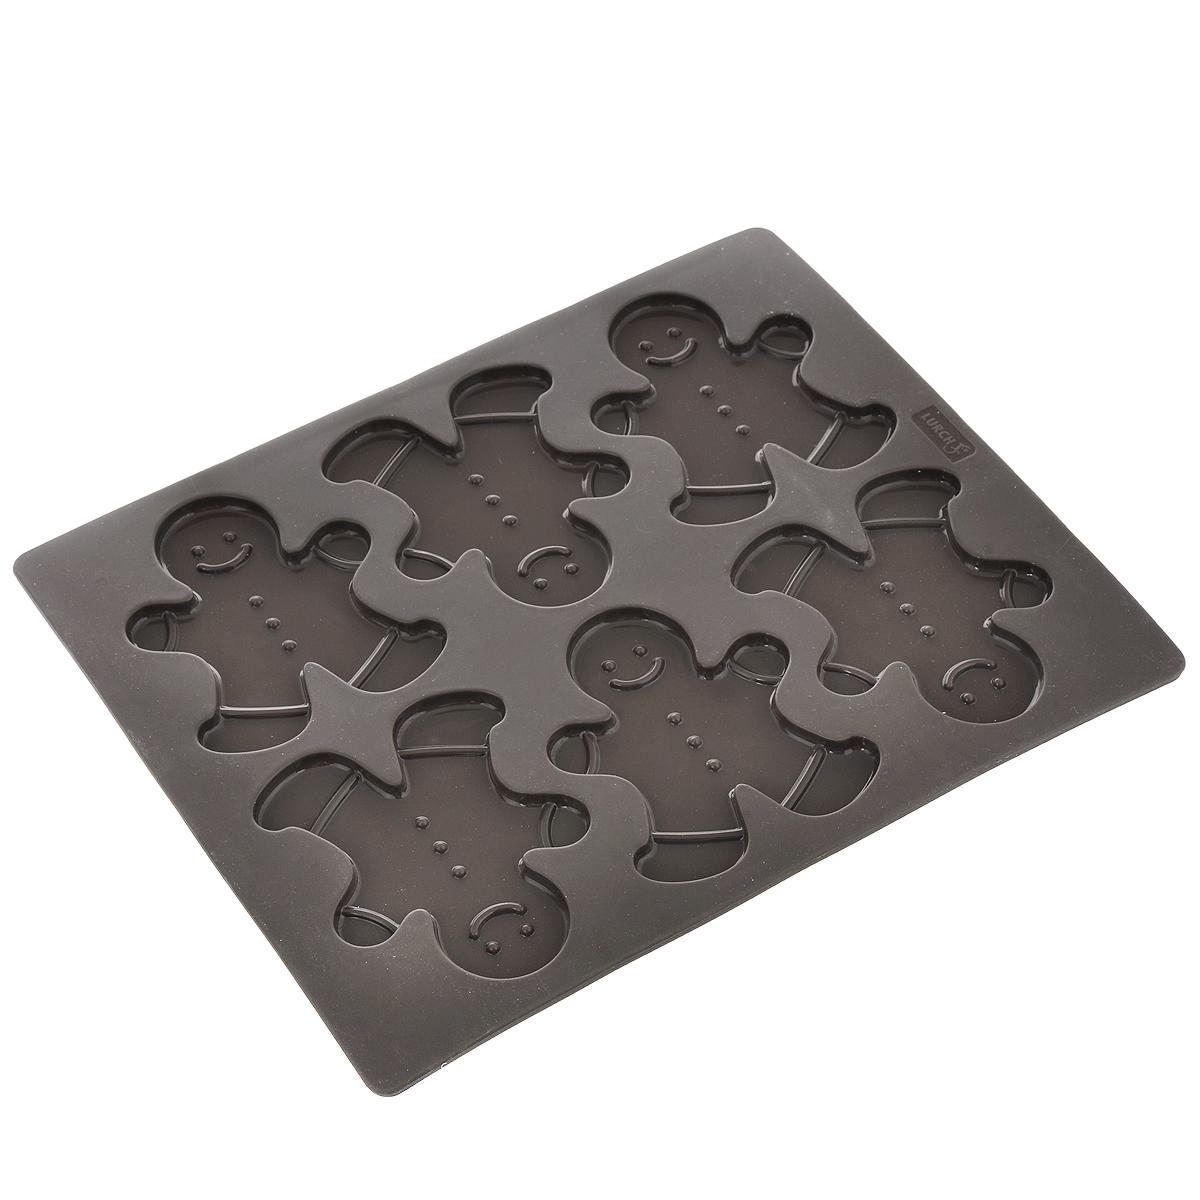 Форма для выпечки Lurch Flexi Form, цвет: коричневый, 6 ячеек65014Форма Lurch Flexi Form будет отличным выбором для всех любителей выпечки. Благодаря тому, что форма изготовлена из платинового силикона, готовую выпечку вынимать легко и просто. Изделие выполнено в форме прямоугольника с 6 ячейками в виде человечков. Форма прекрасно подойдет для выпечки печенья. Хорошие энергетические показатели позволяют снизить температуру выпекания примерно на 10%. Поэтому время выпекания и температура всегда выбираются для вашей печи. Можно мыть в посудомоечной машине, использовать в морозильной камере до температуры -40°C. Количество ячеек: 6 шт. Общий размер формы: 30 см х 24 см х 0,5 см. Размер ячейки: 8,9 см х 10,5 см х 0,5 см.